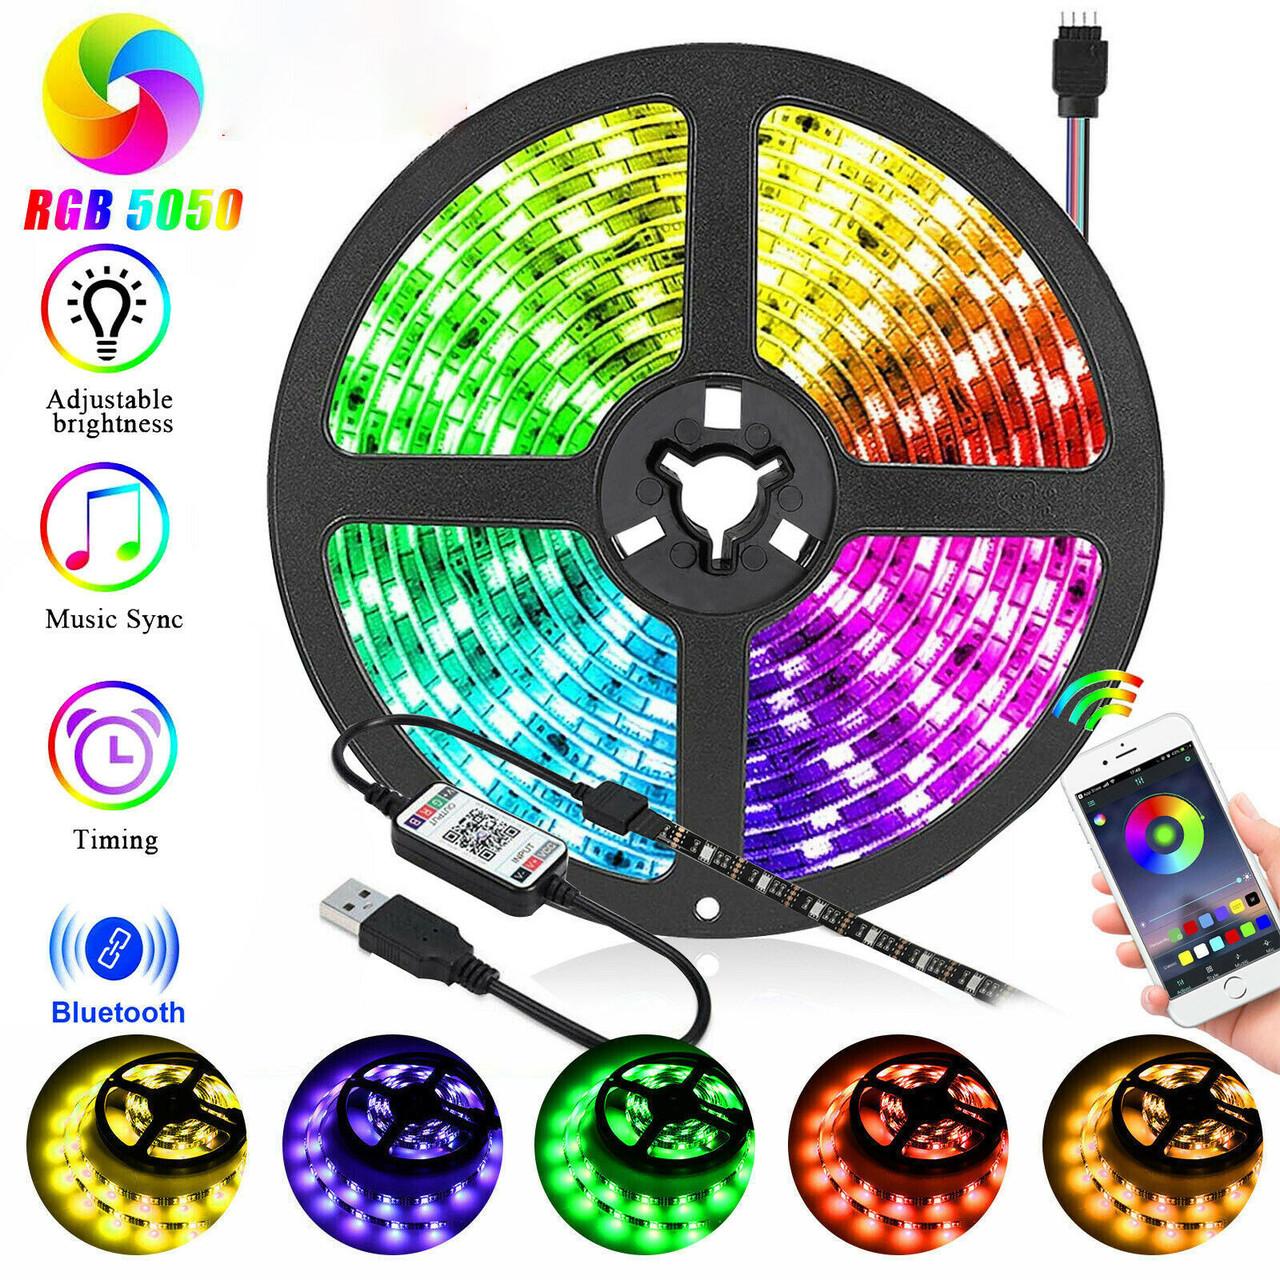 Світлодіодна стрічка 5v usb led 5050 bluetooth RGB 5 метрів різнобарвна (управління через телефон)